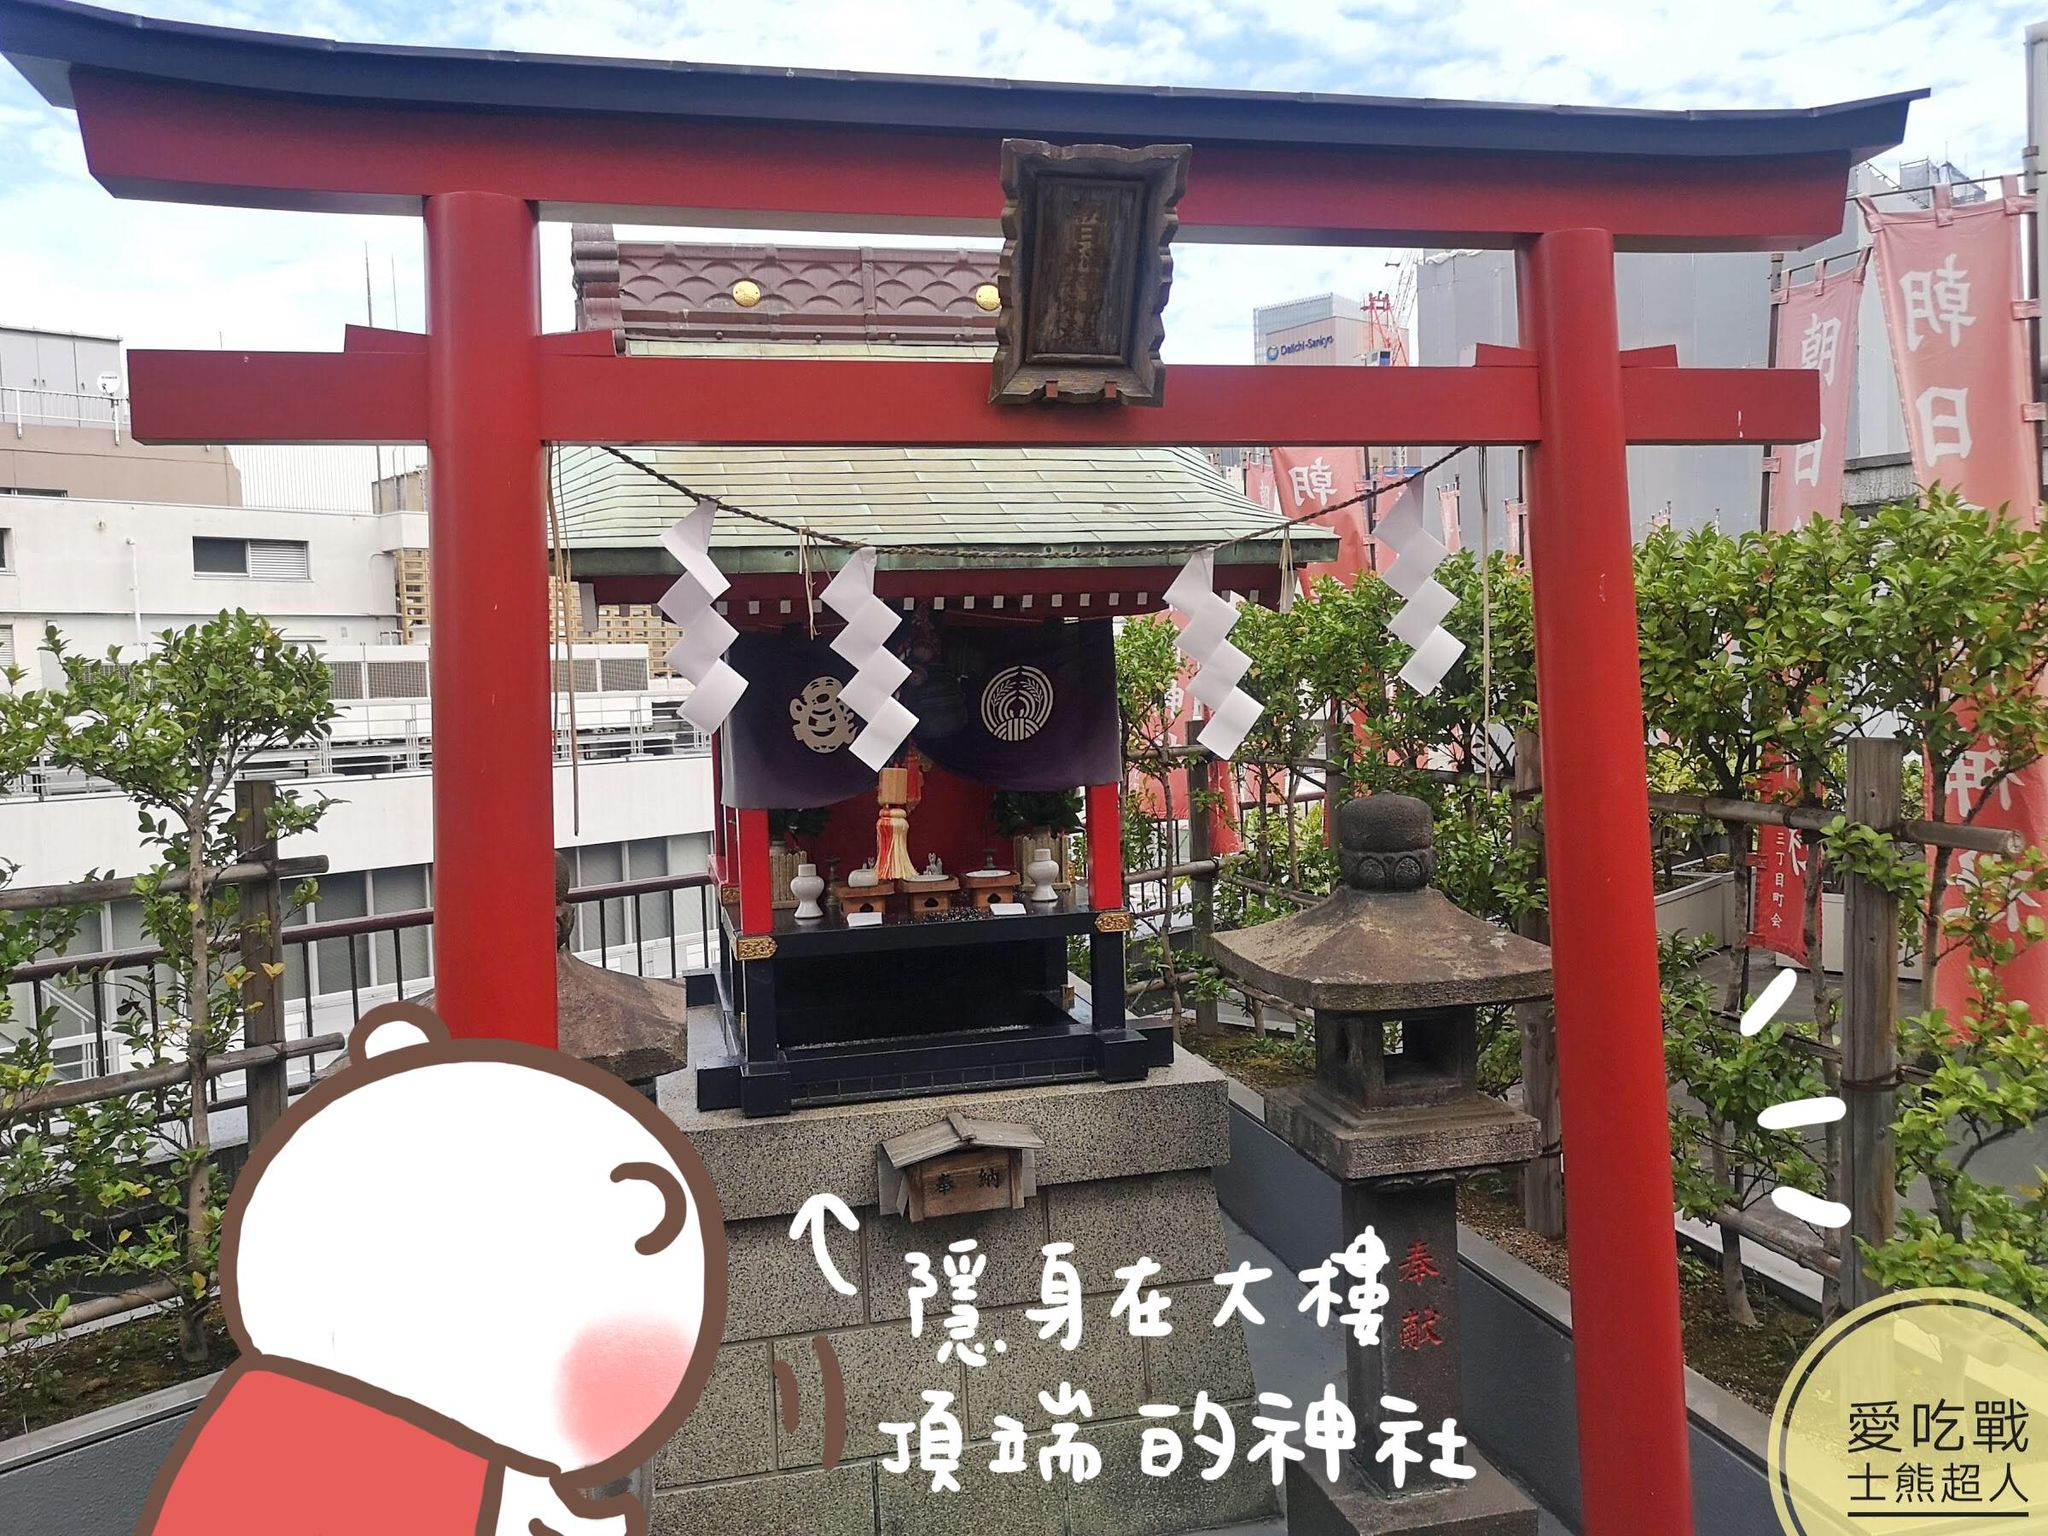 """。東京 銀座。朝日稻荷神社:動畫""""天氣之子""""的經典場景,位在頂樓上的神社"""